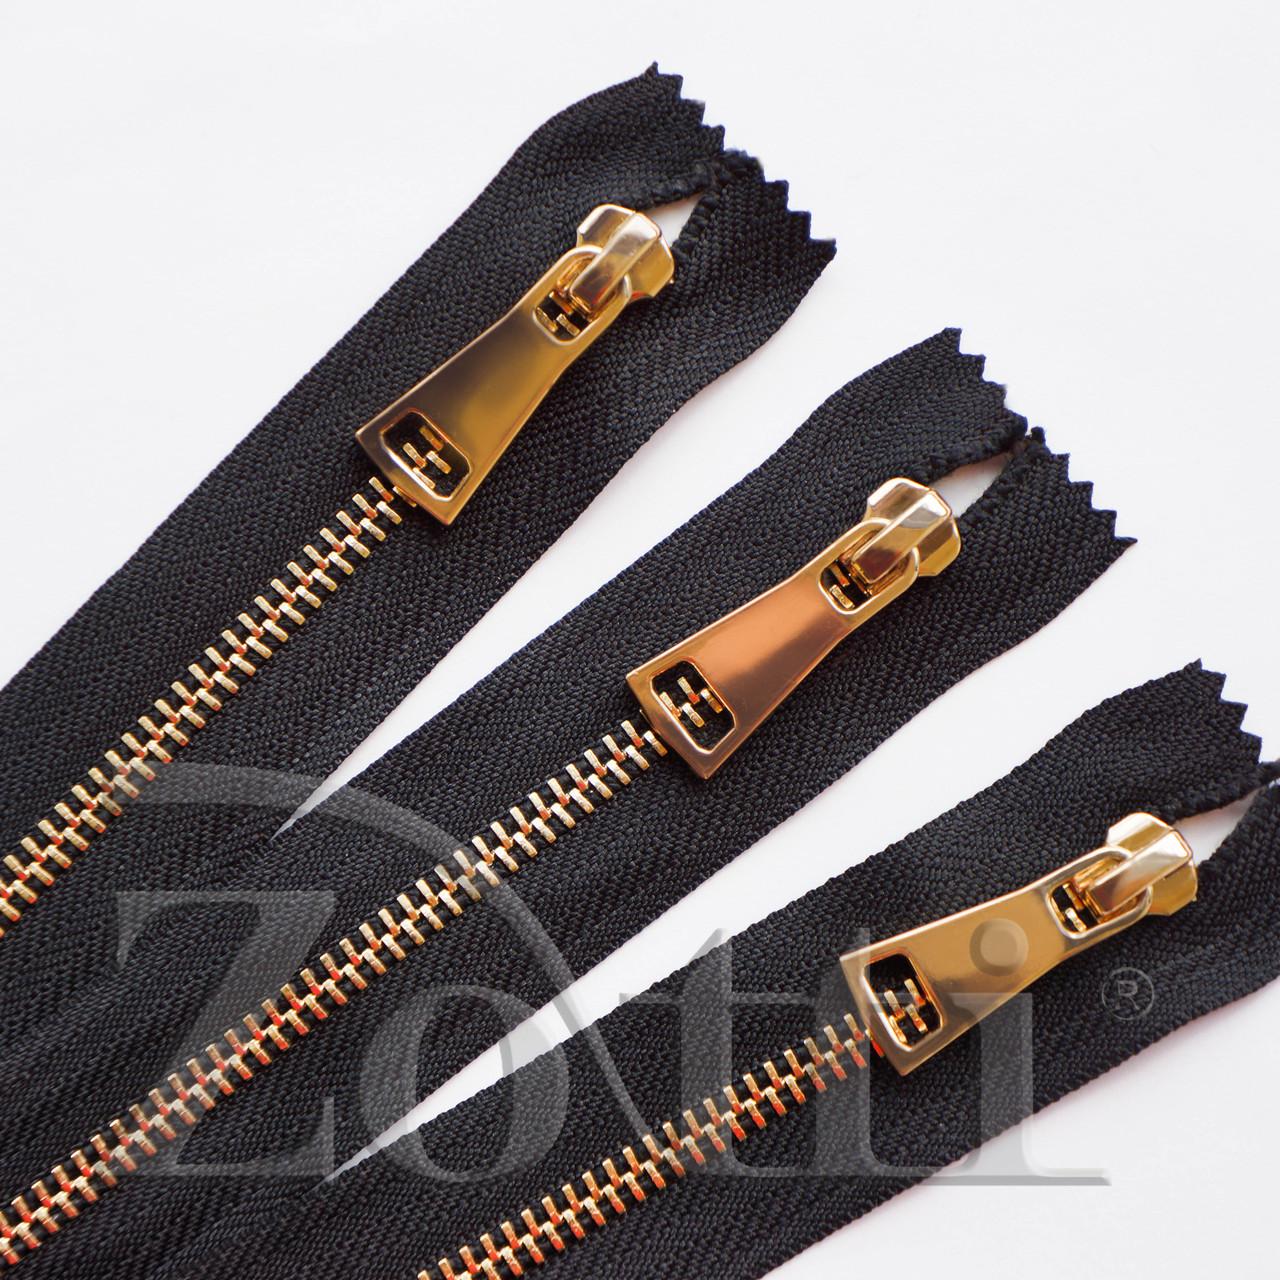 Молния (змейка,застежка) металлическая №5, размерная, обувная, черная, с золотым бегунком № 115 - 10 см